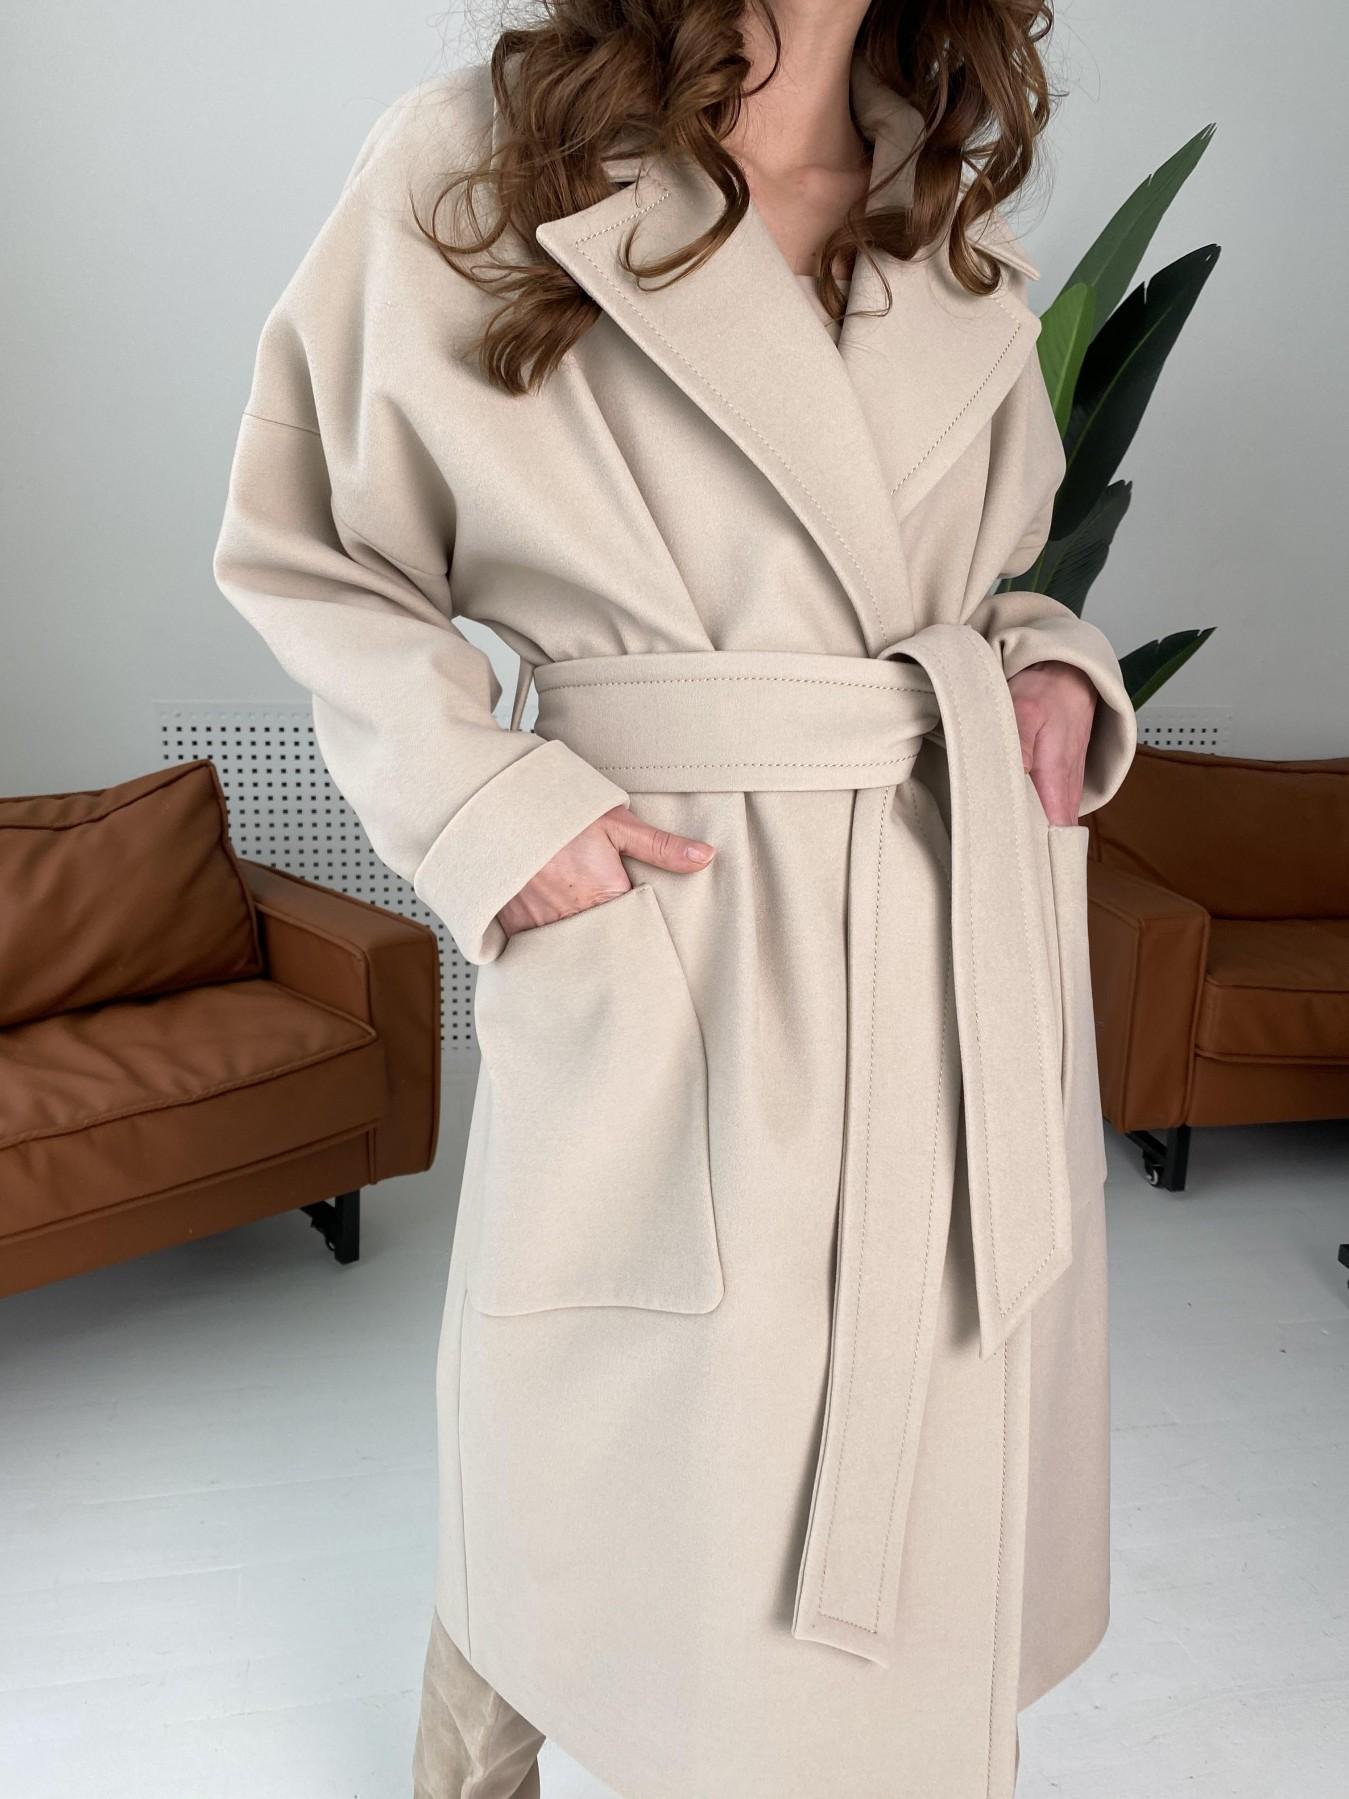 Кейт  пальто из кашемира 10539 АРТ. 46990 Цвет: Бежевый Светлый - фото 6, интернет магазин tm-modus.ru